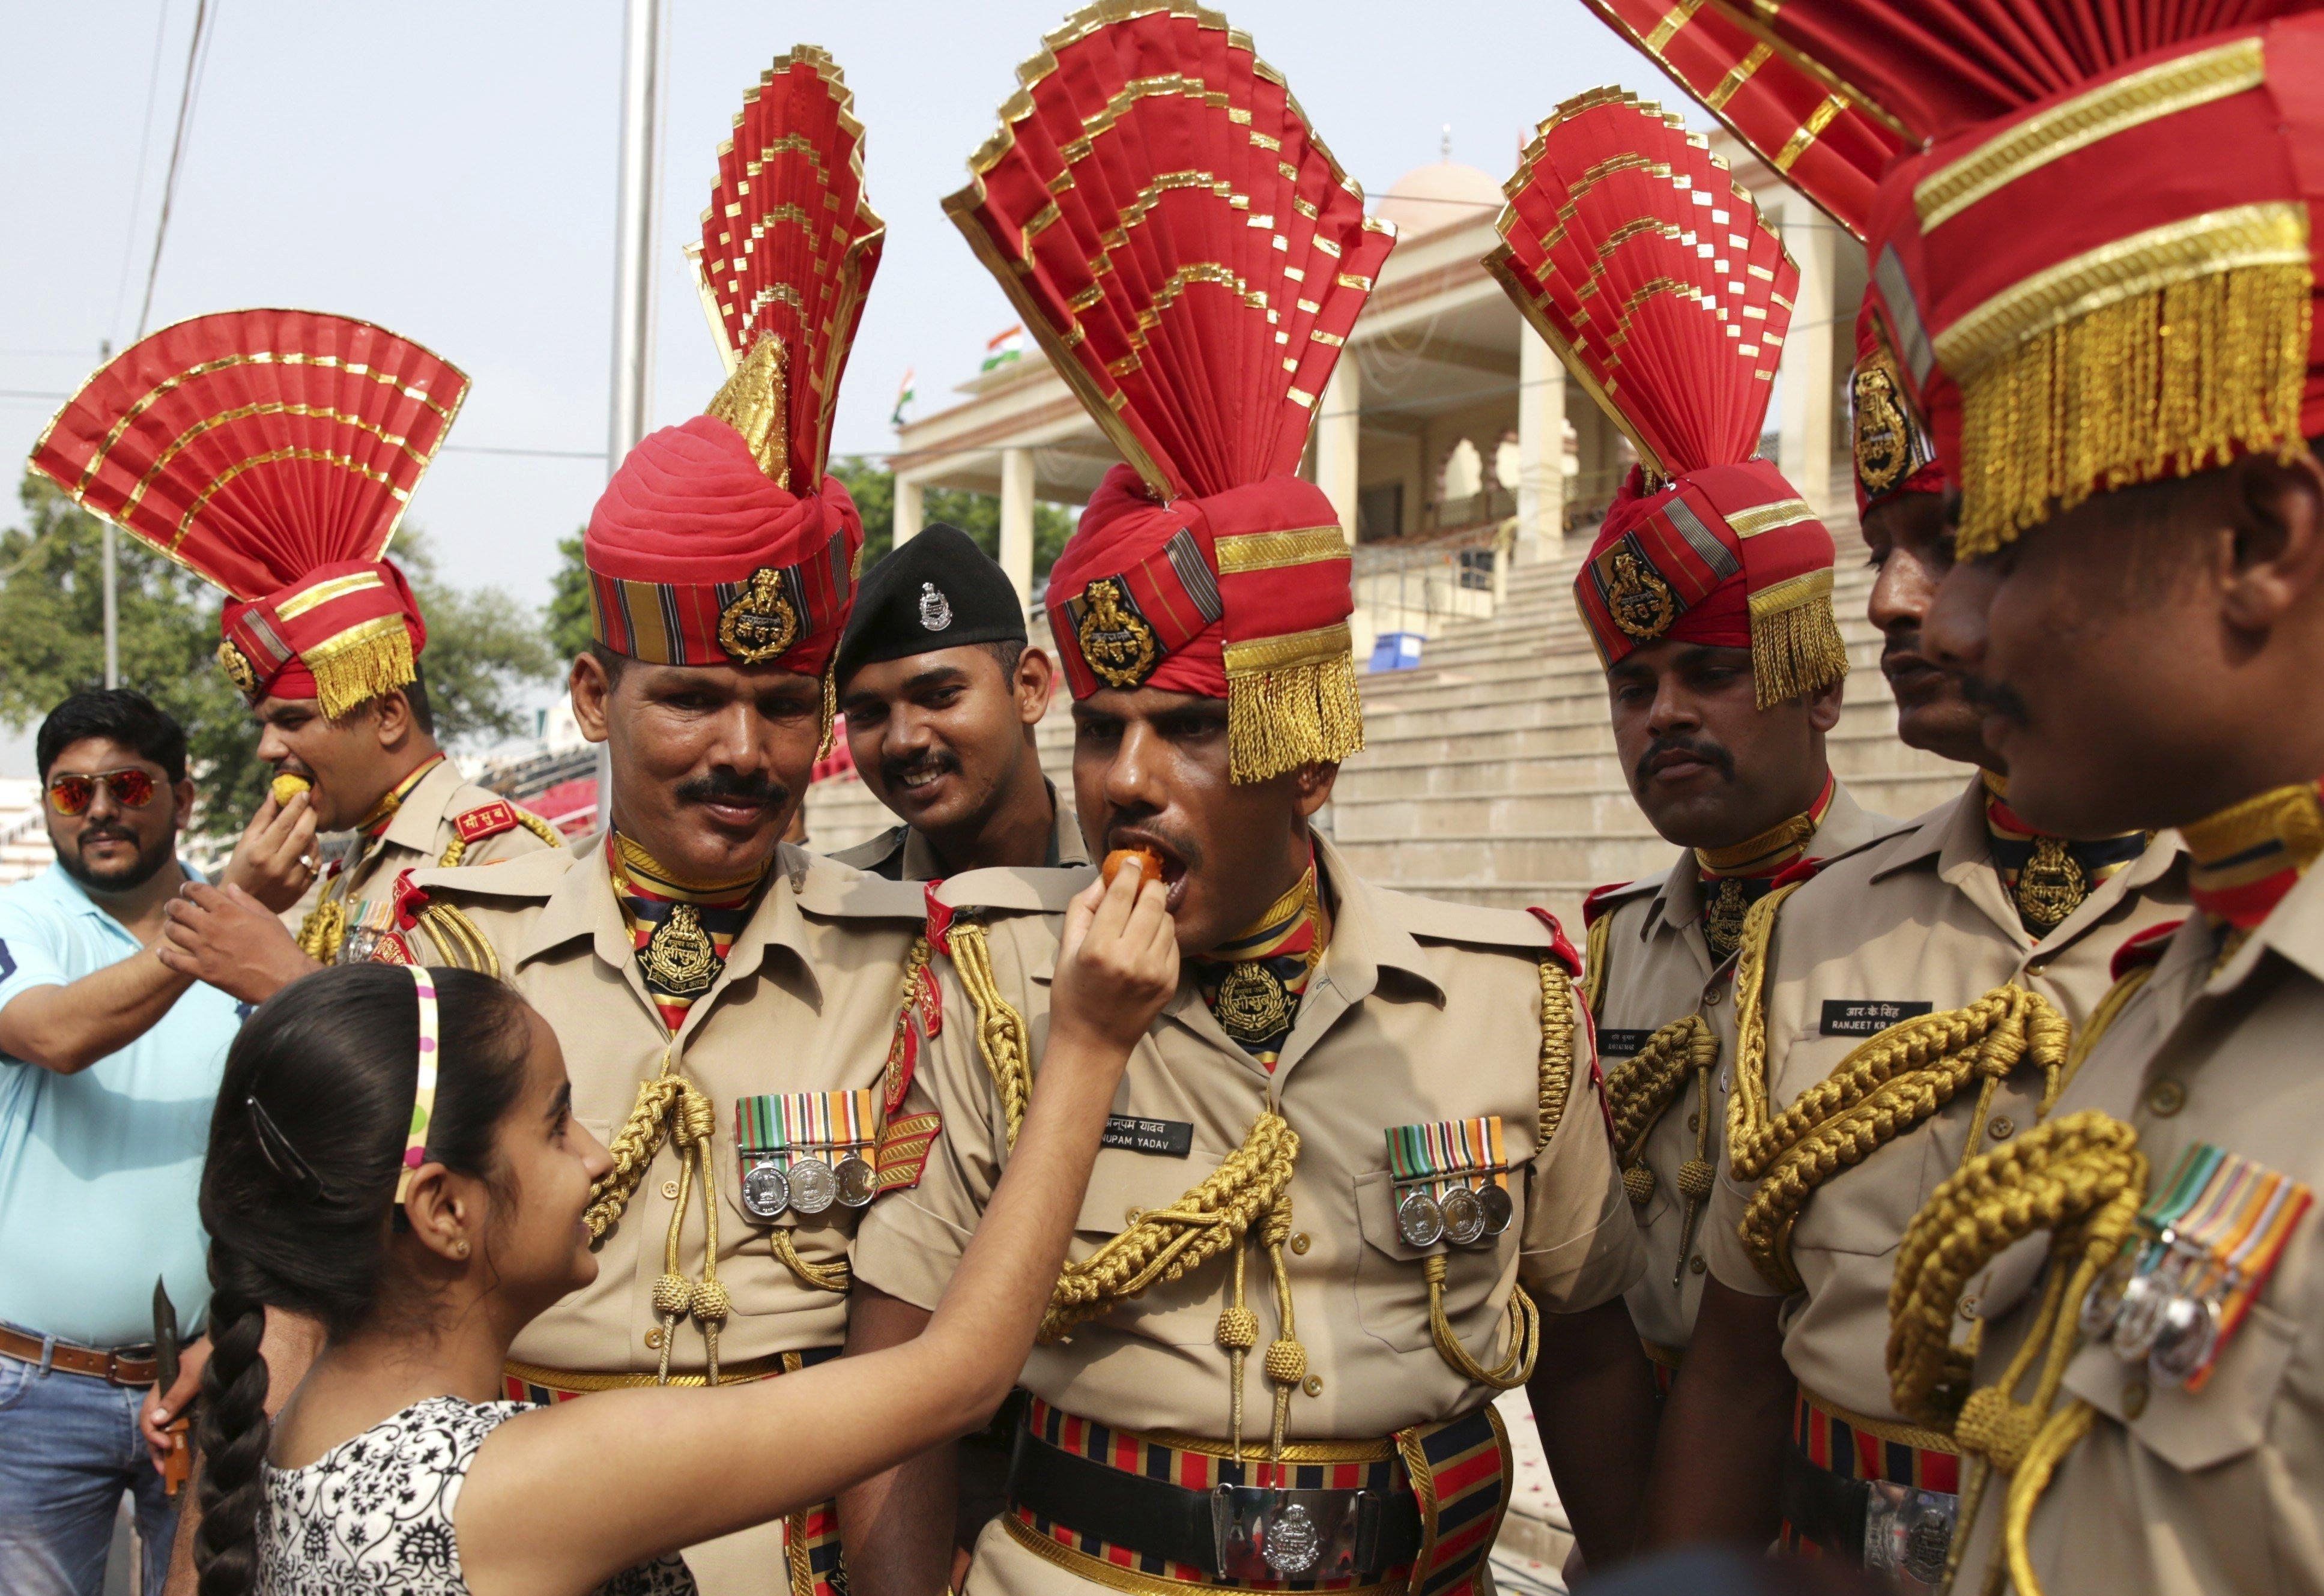 Soldats participen en les celebracions del Dia de la Independència en Amritsar (l'Índia) avui, 15 d'agost de 2017. L'Índia celebra avui el 70è aniversari de la seva independència de la Corona Britànica. / Raminder Pal Singh